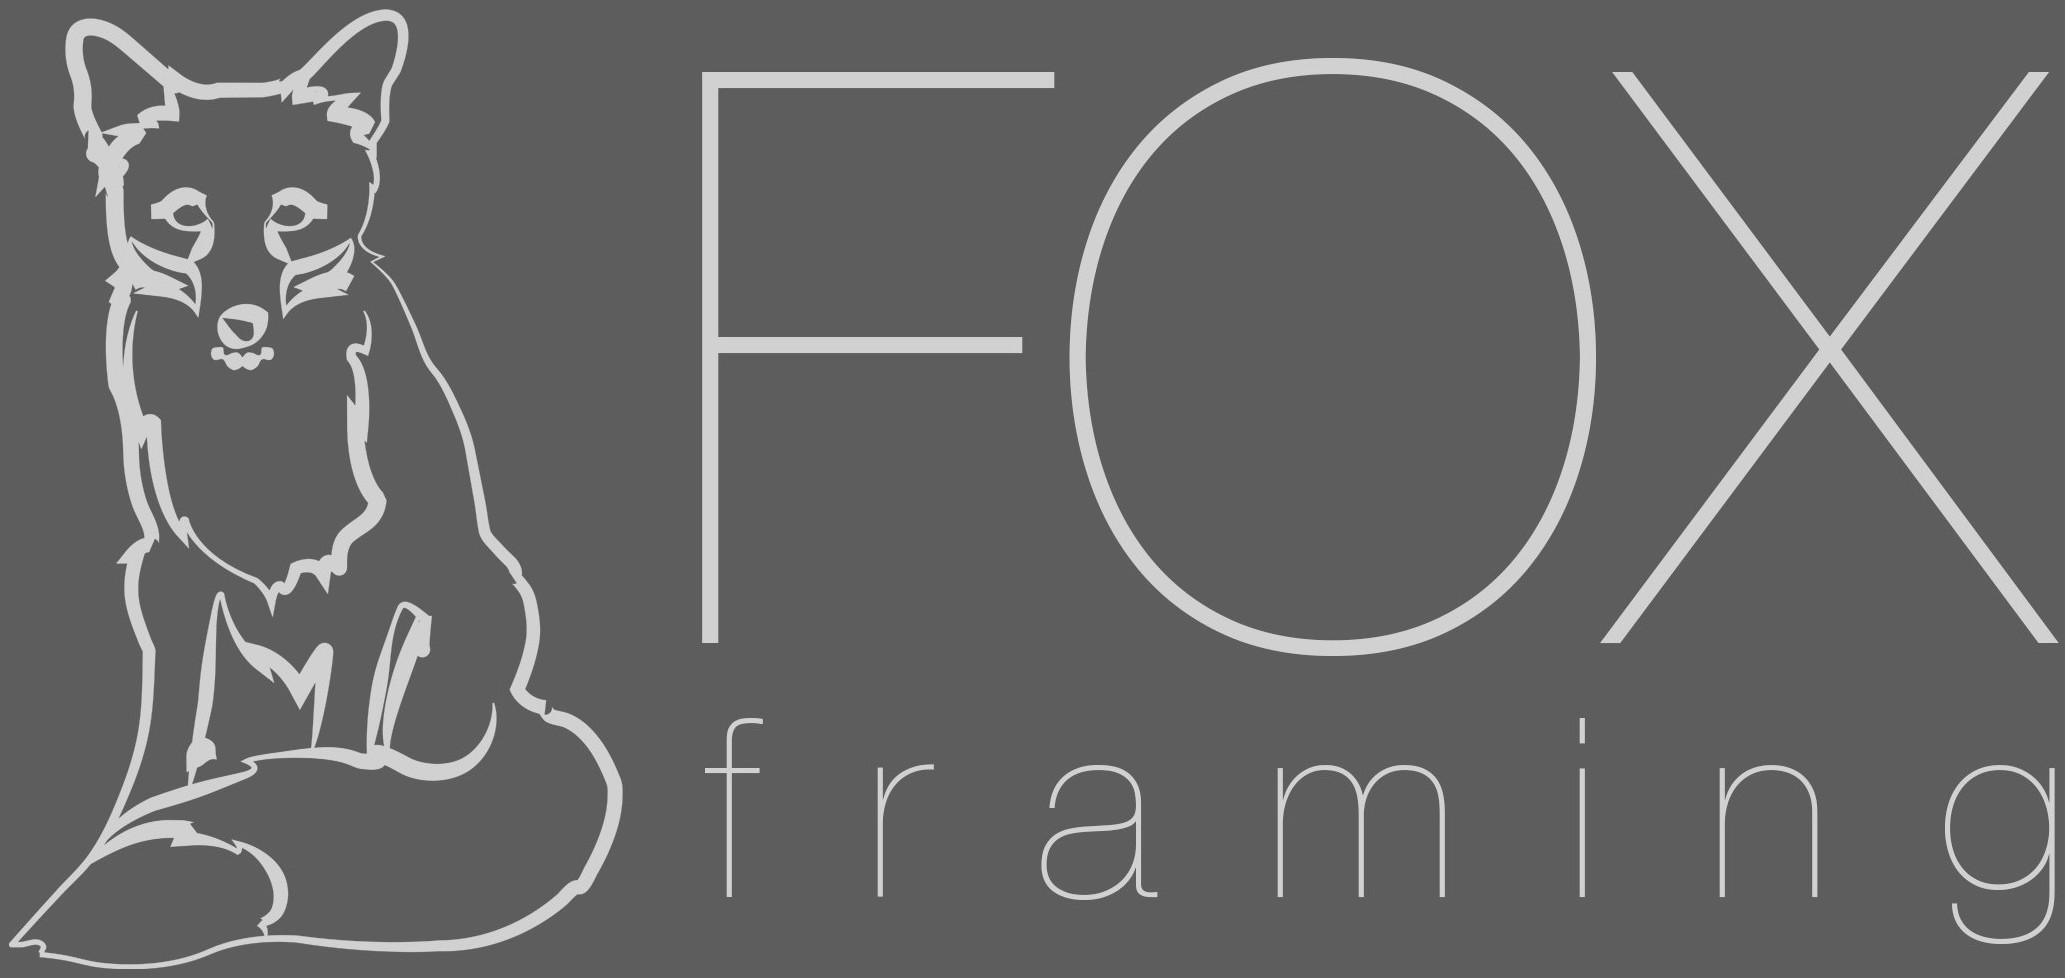 Fox Framing